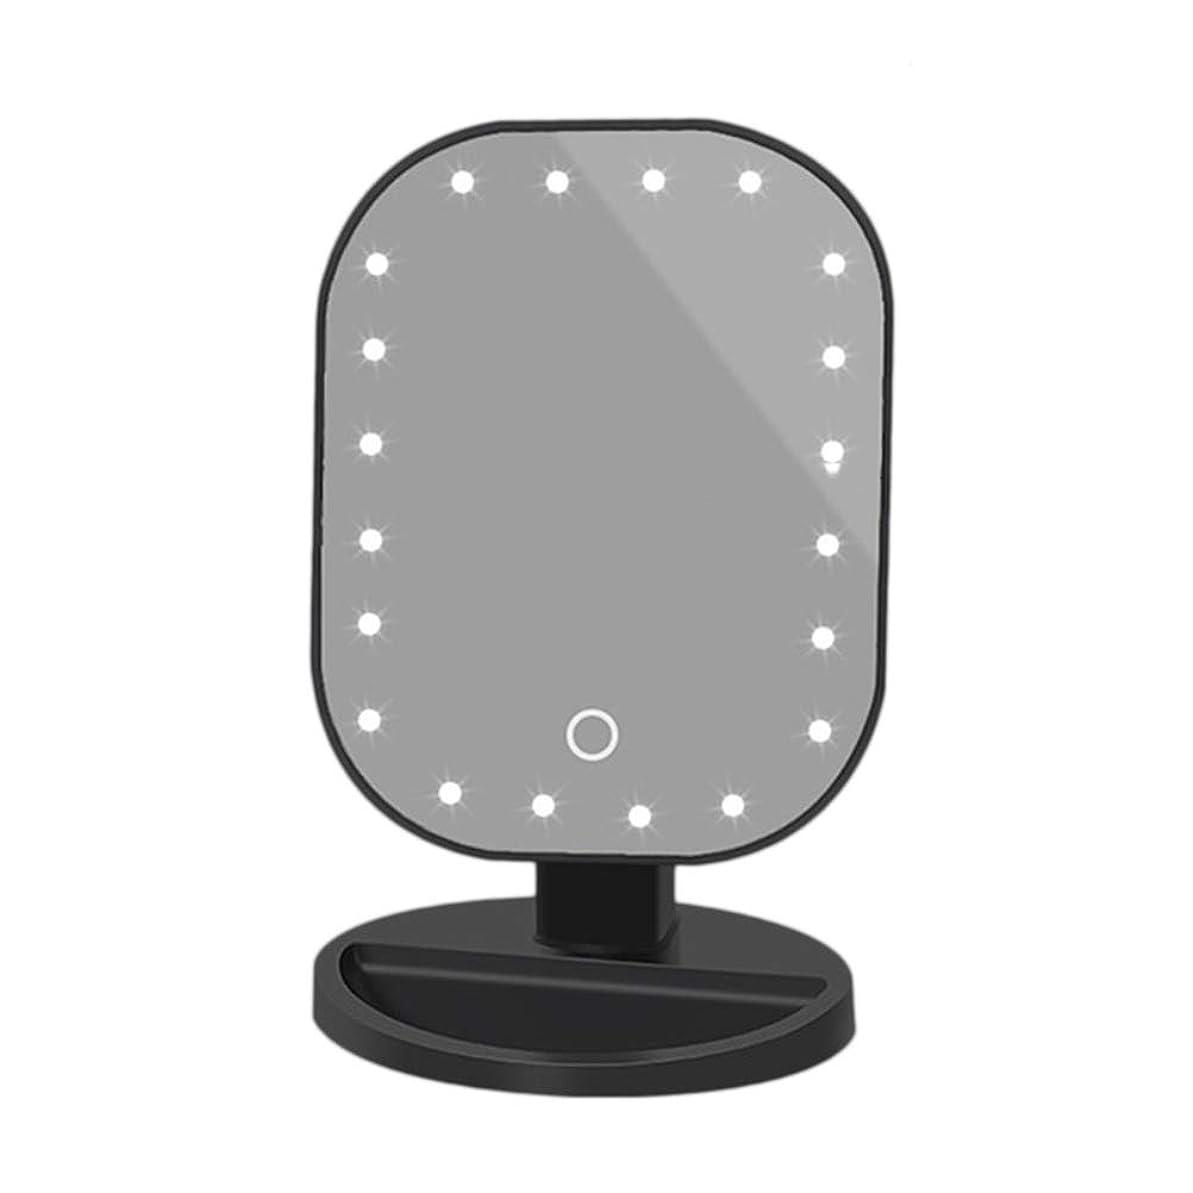 プレミア化粧連鎖Lurrose LED化粧鏡化粧鏡タッチスクリーン美容ミラーUSB電源付き美容ミラー収納トレイ付(電池なし)